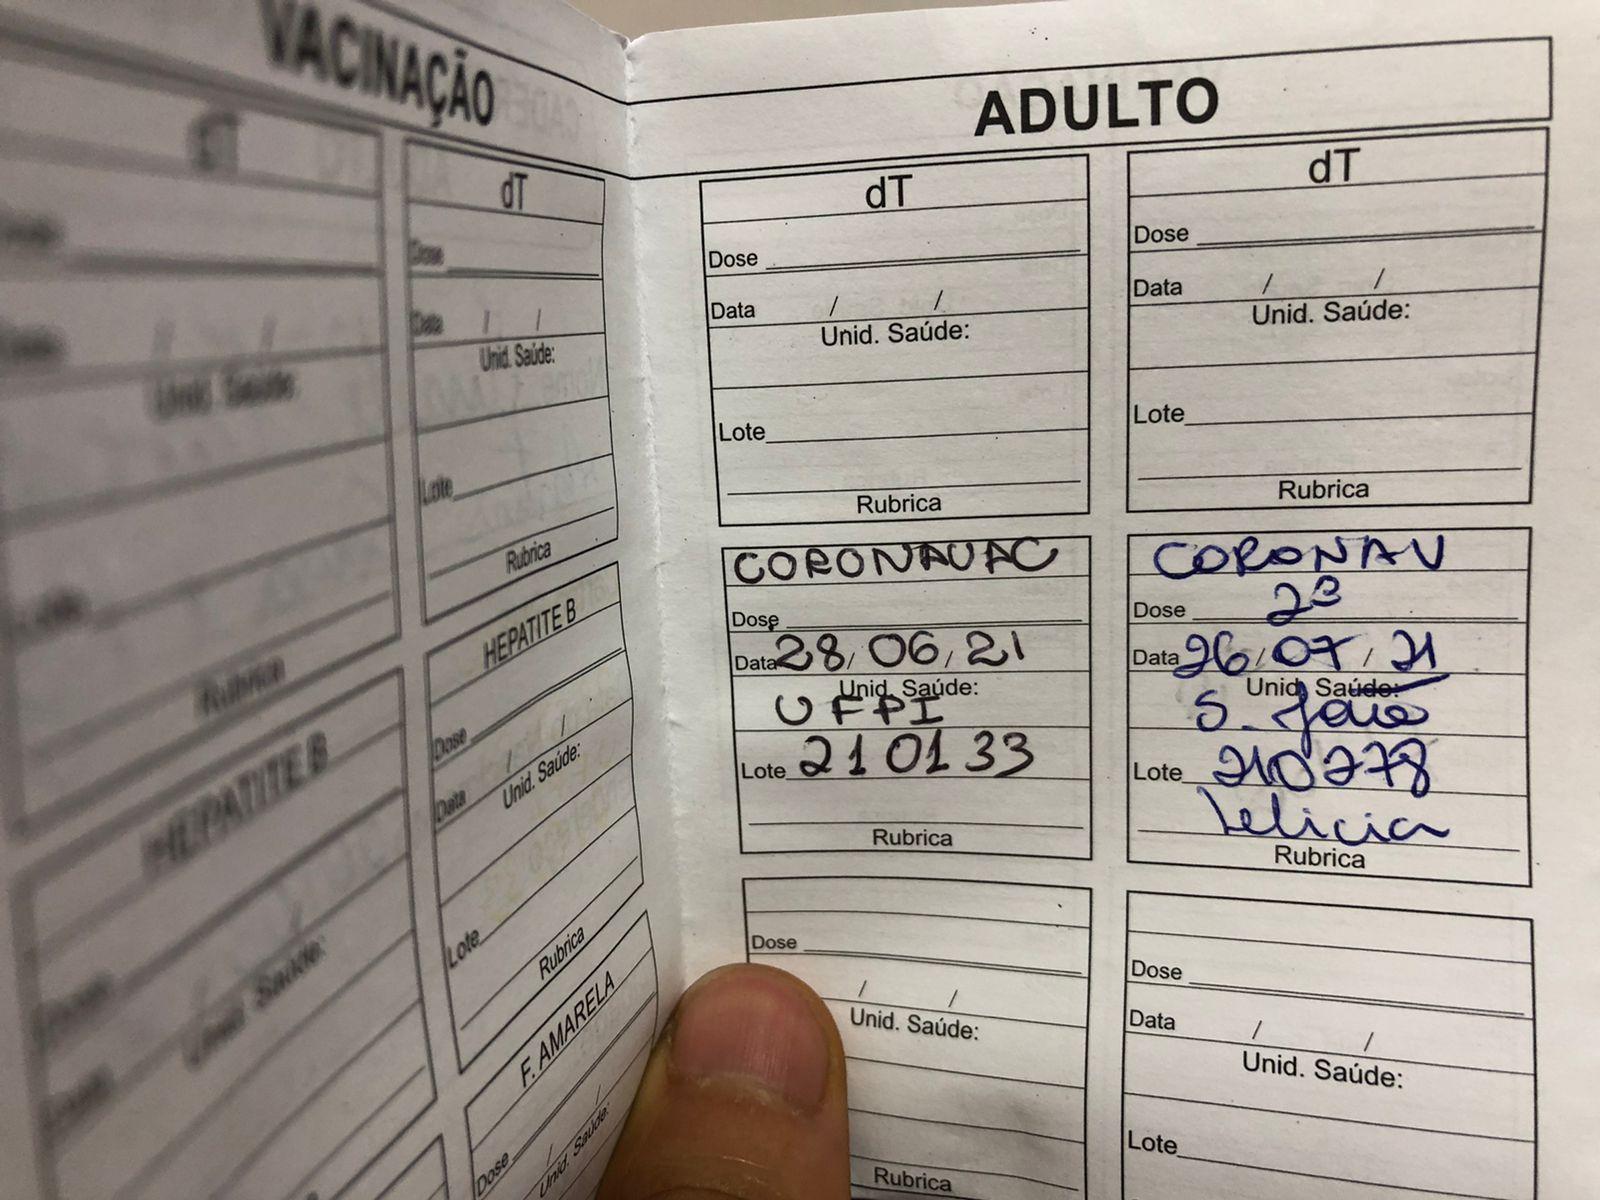 Comprovante de Vacinação - Foto: Ascom